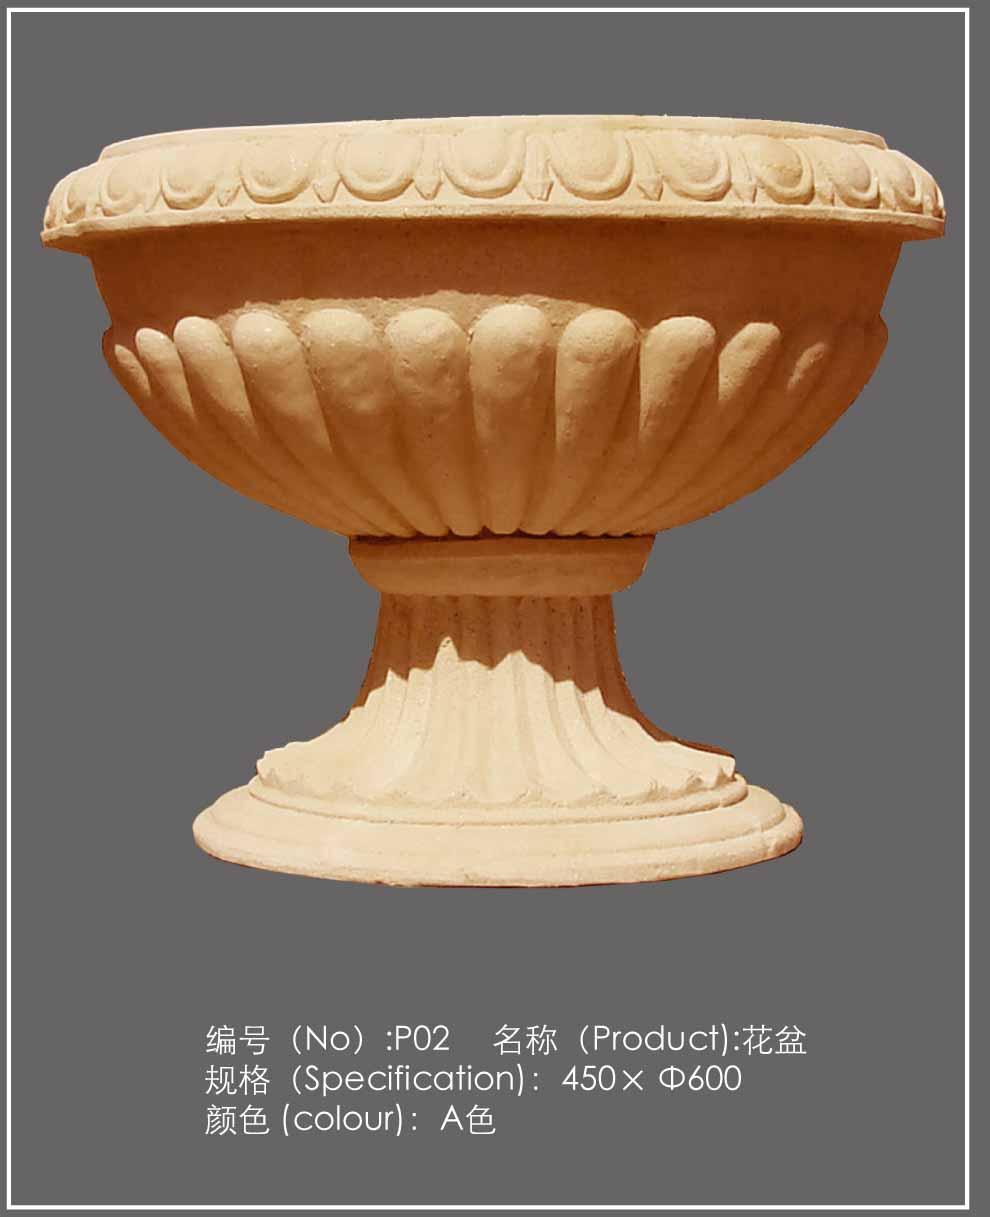 供应玻璃钢花盆 北京玻璃钢花盆 花盆 玻璃钢花盆 玻璃钢花盆图片